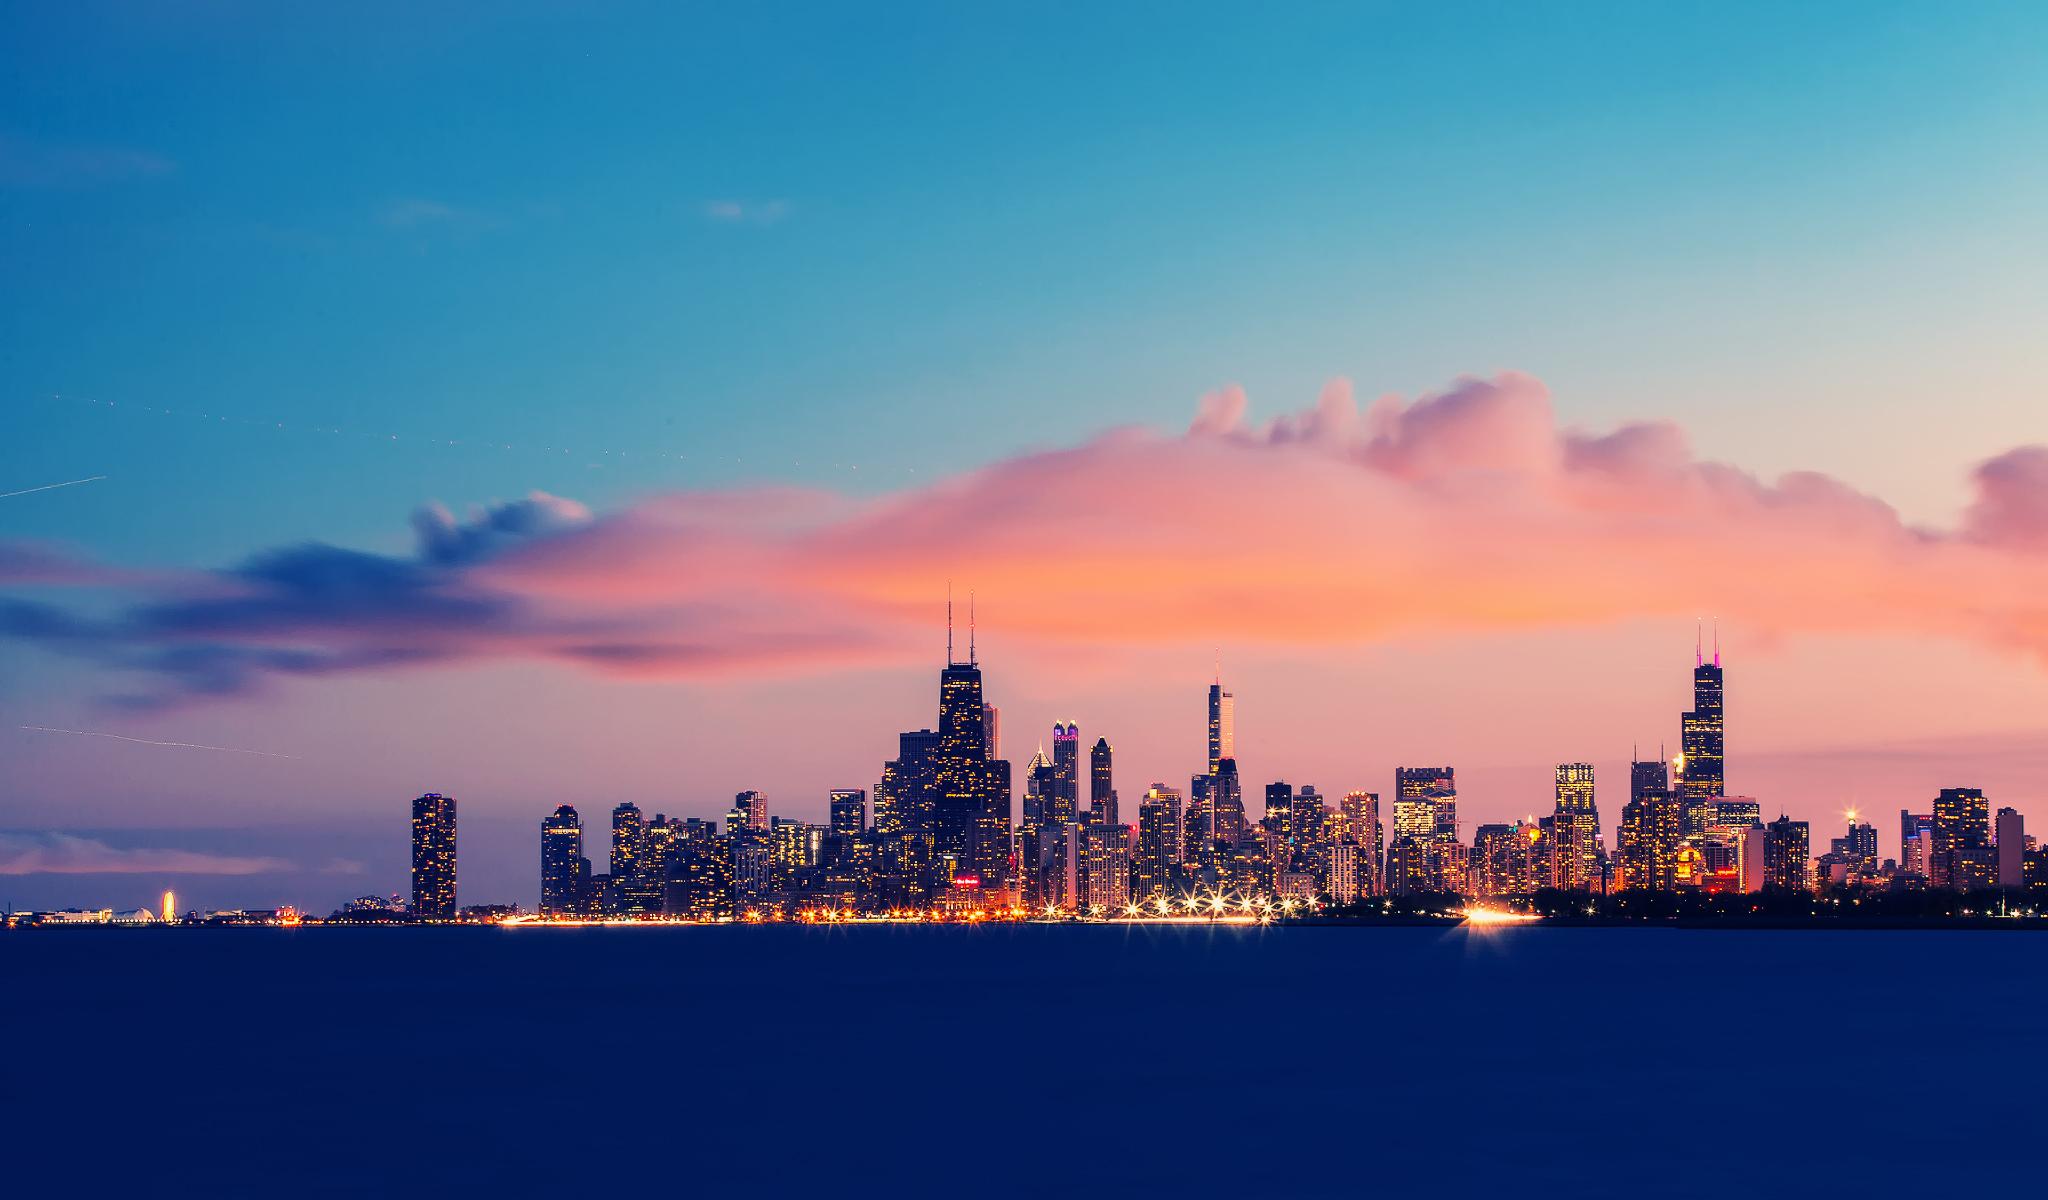 Ночной порт в Чикаго  № 3504510 без смс